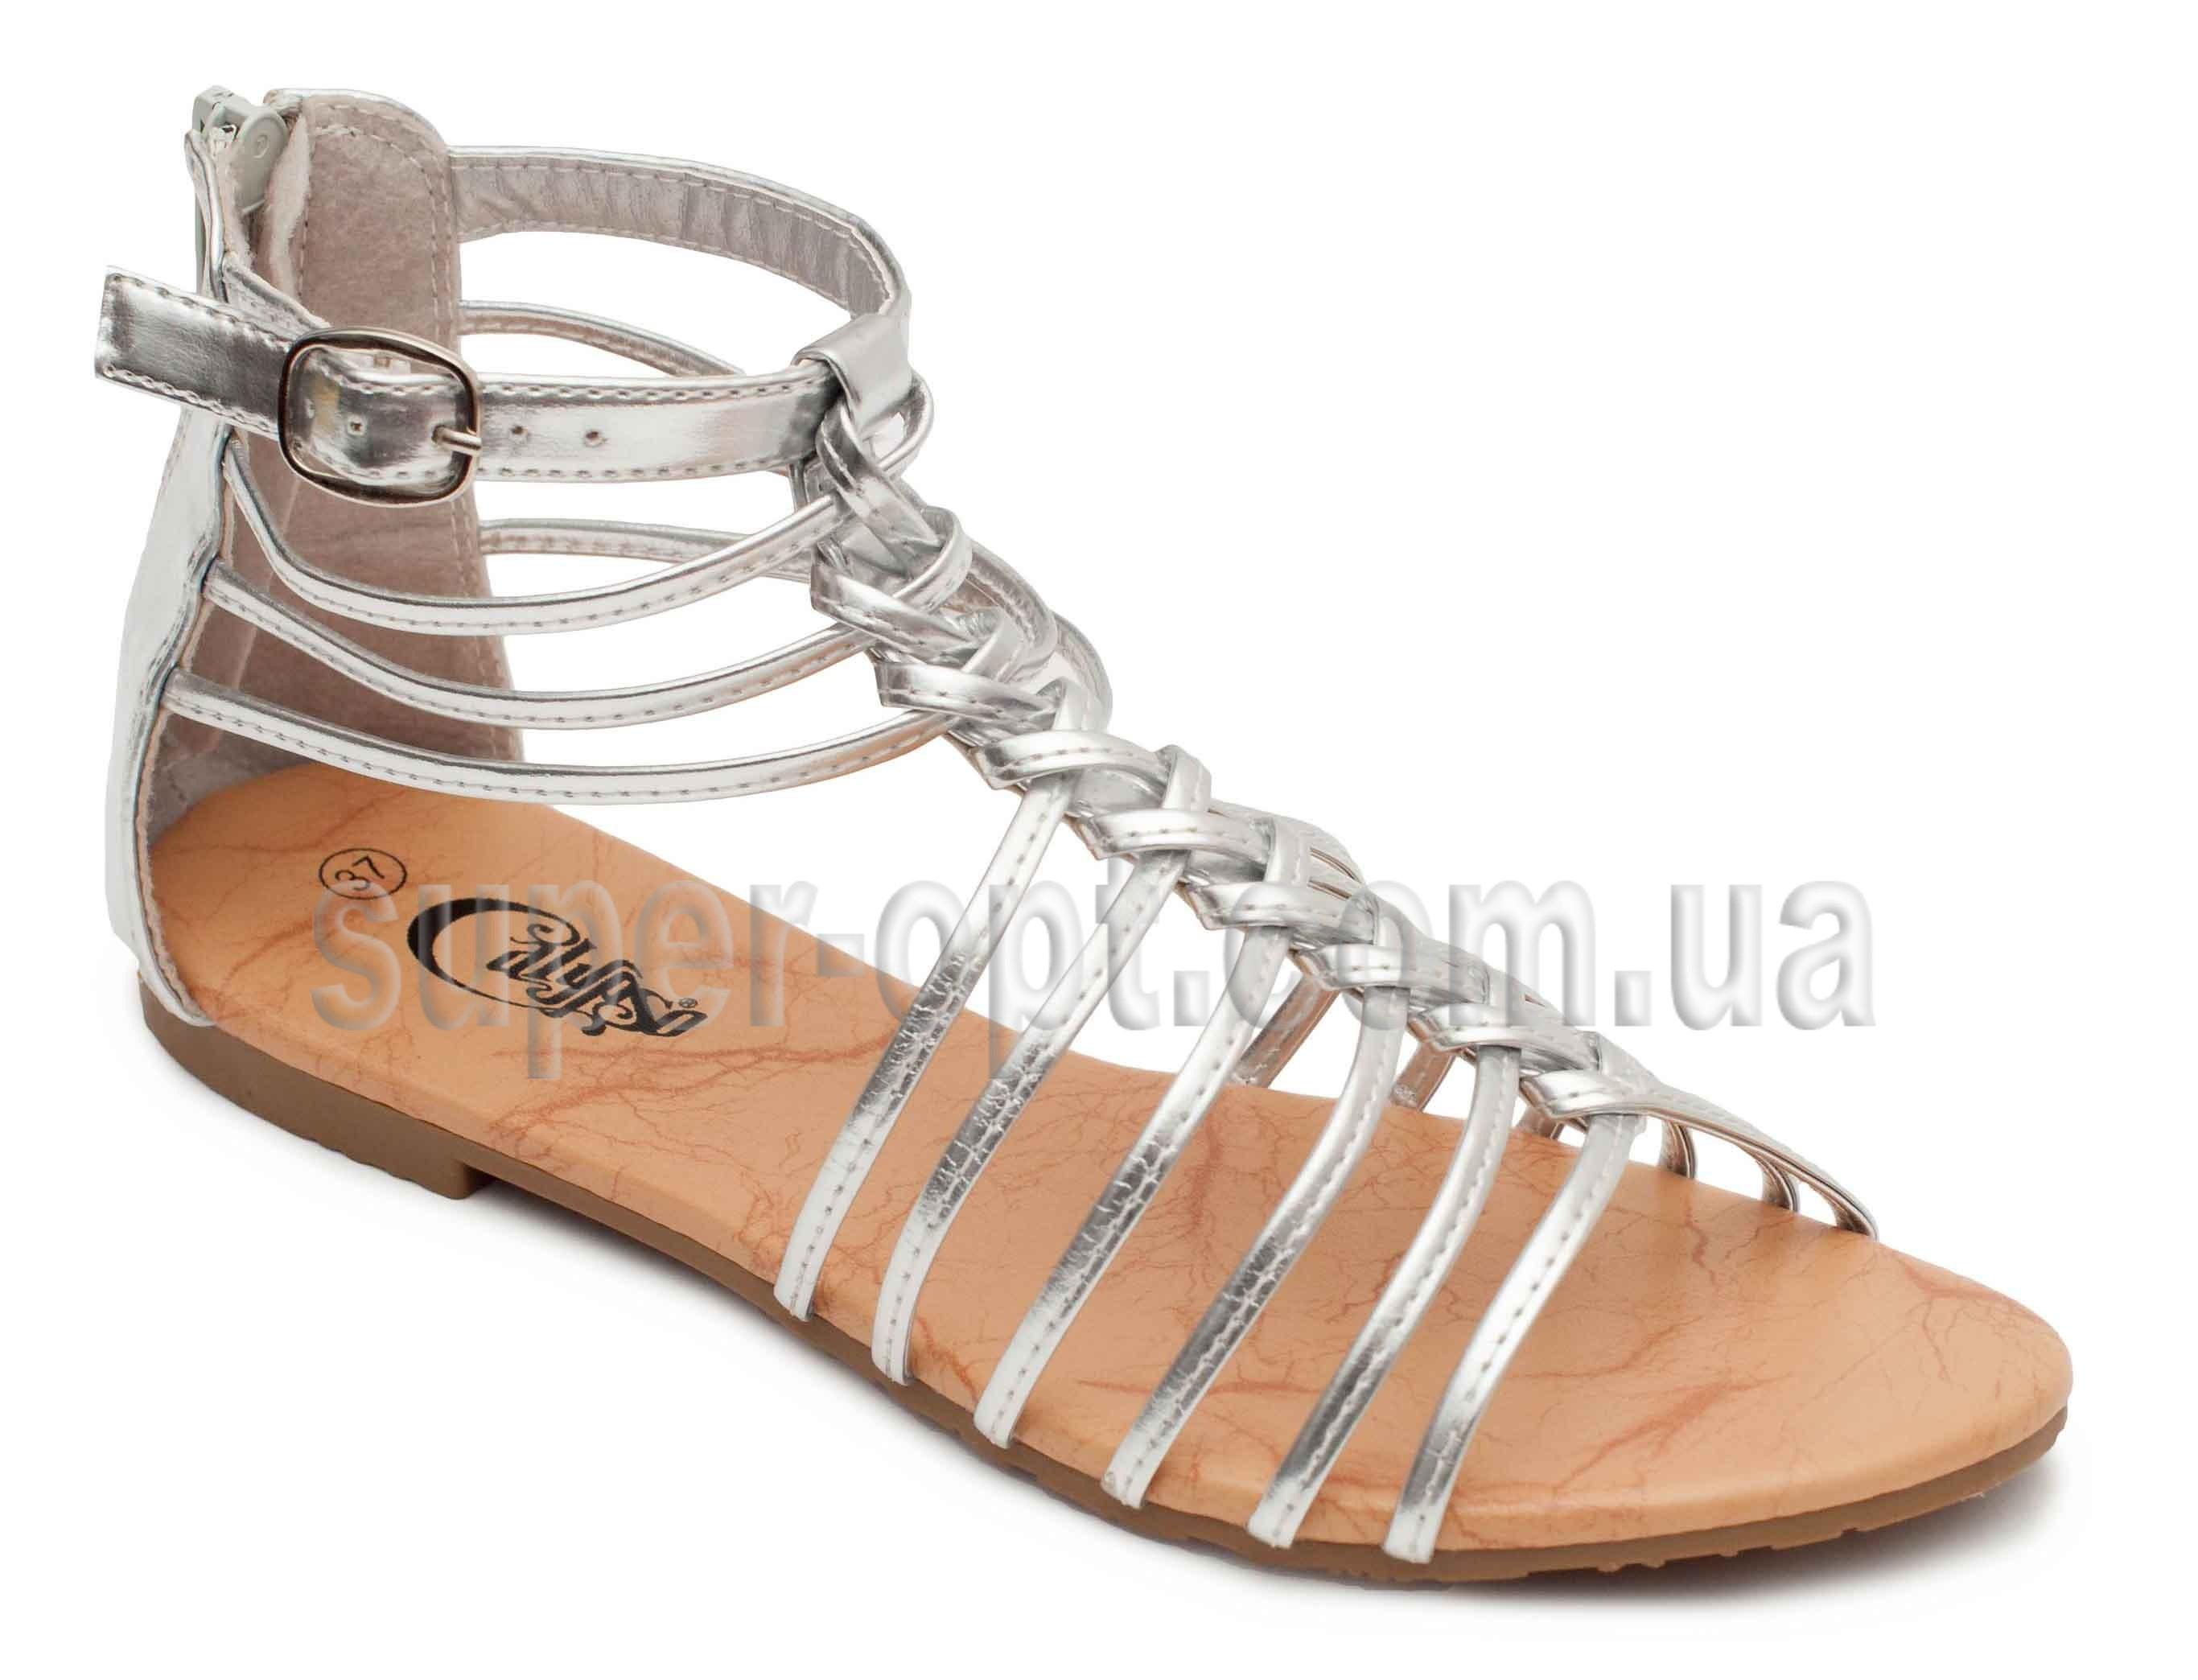 Босоніжки Calypso Для дівчинки 116001